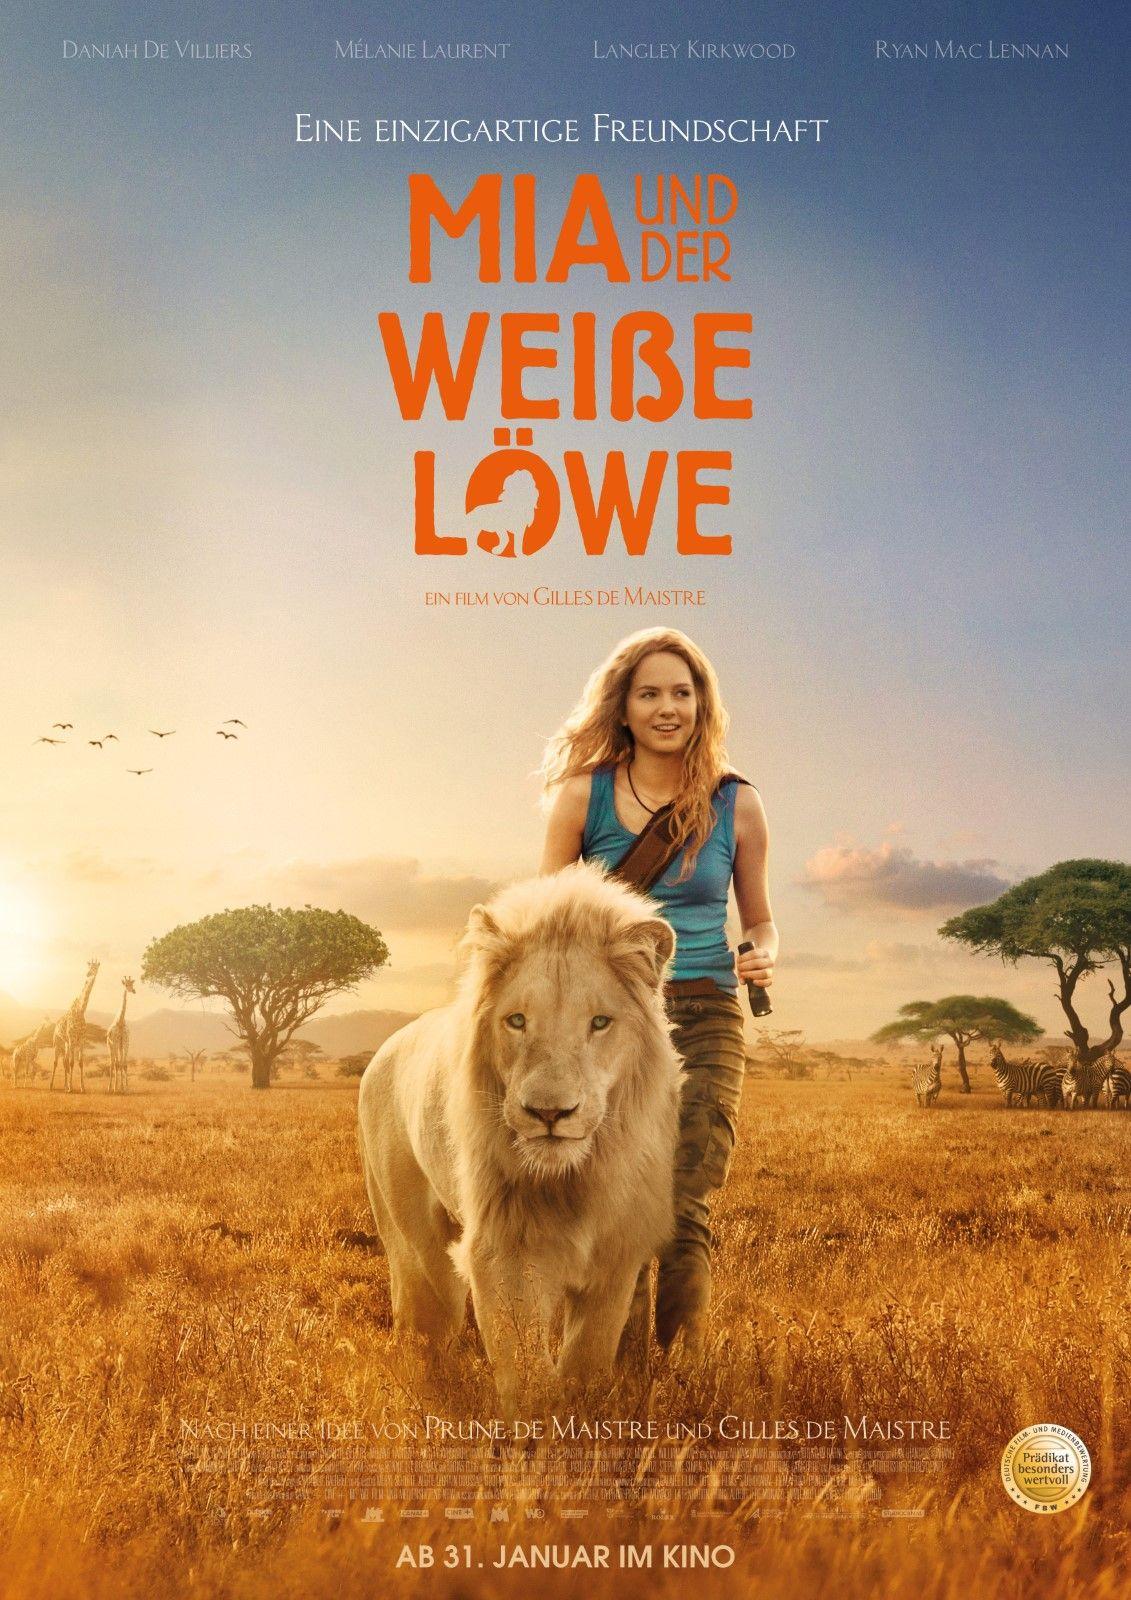 Mia Und Der Weisse Lowe Film 2018 Filmstarts De Weisser Lowe Filme Ganze Filme